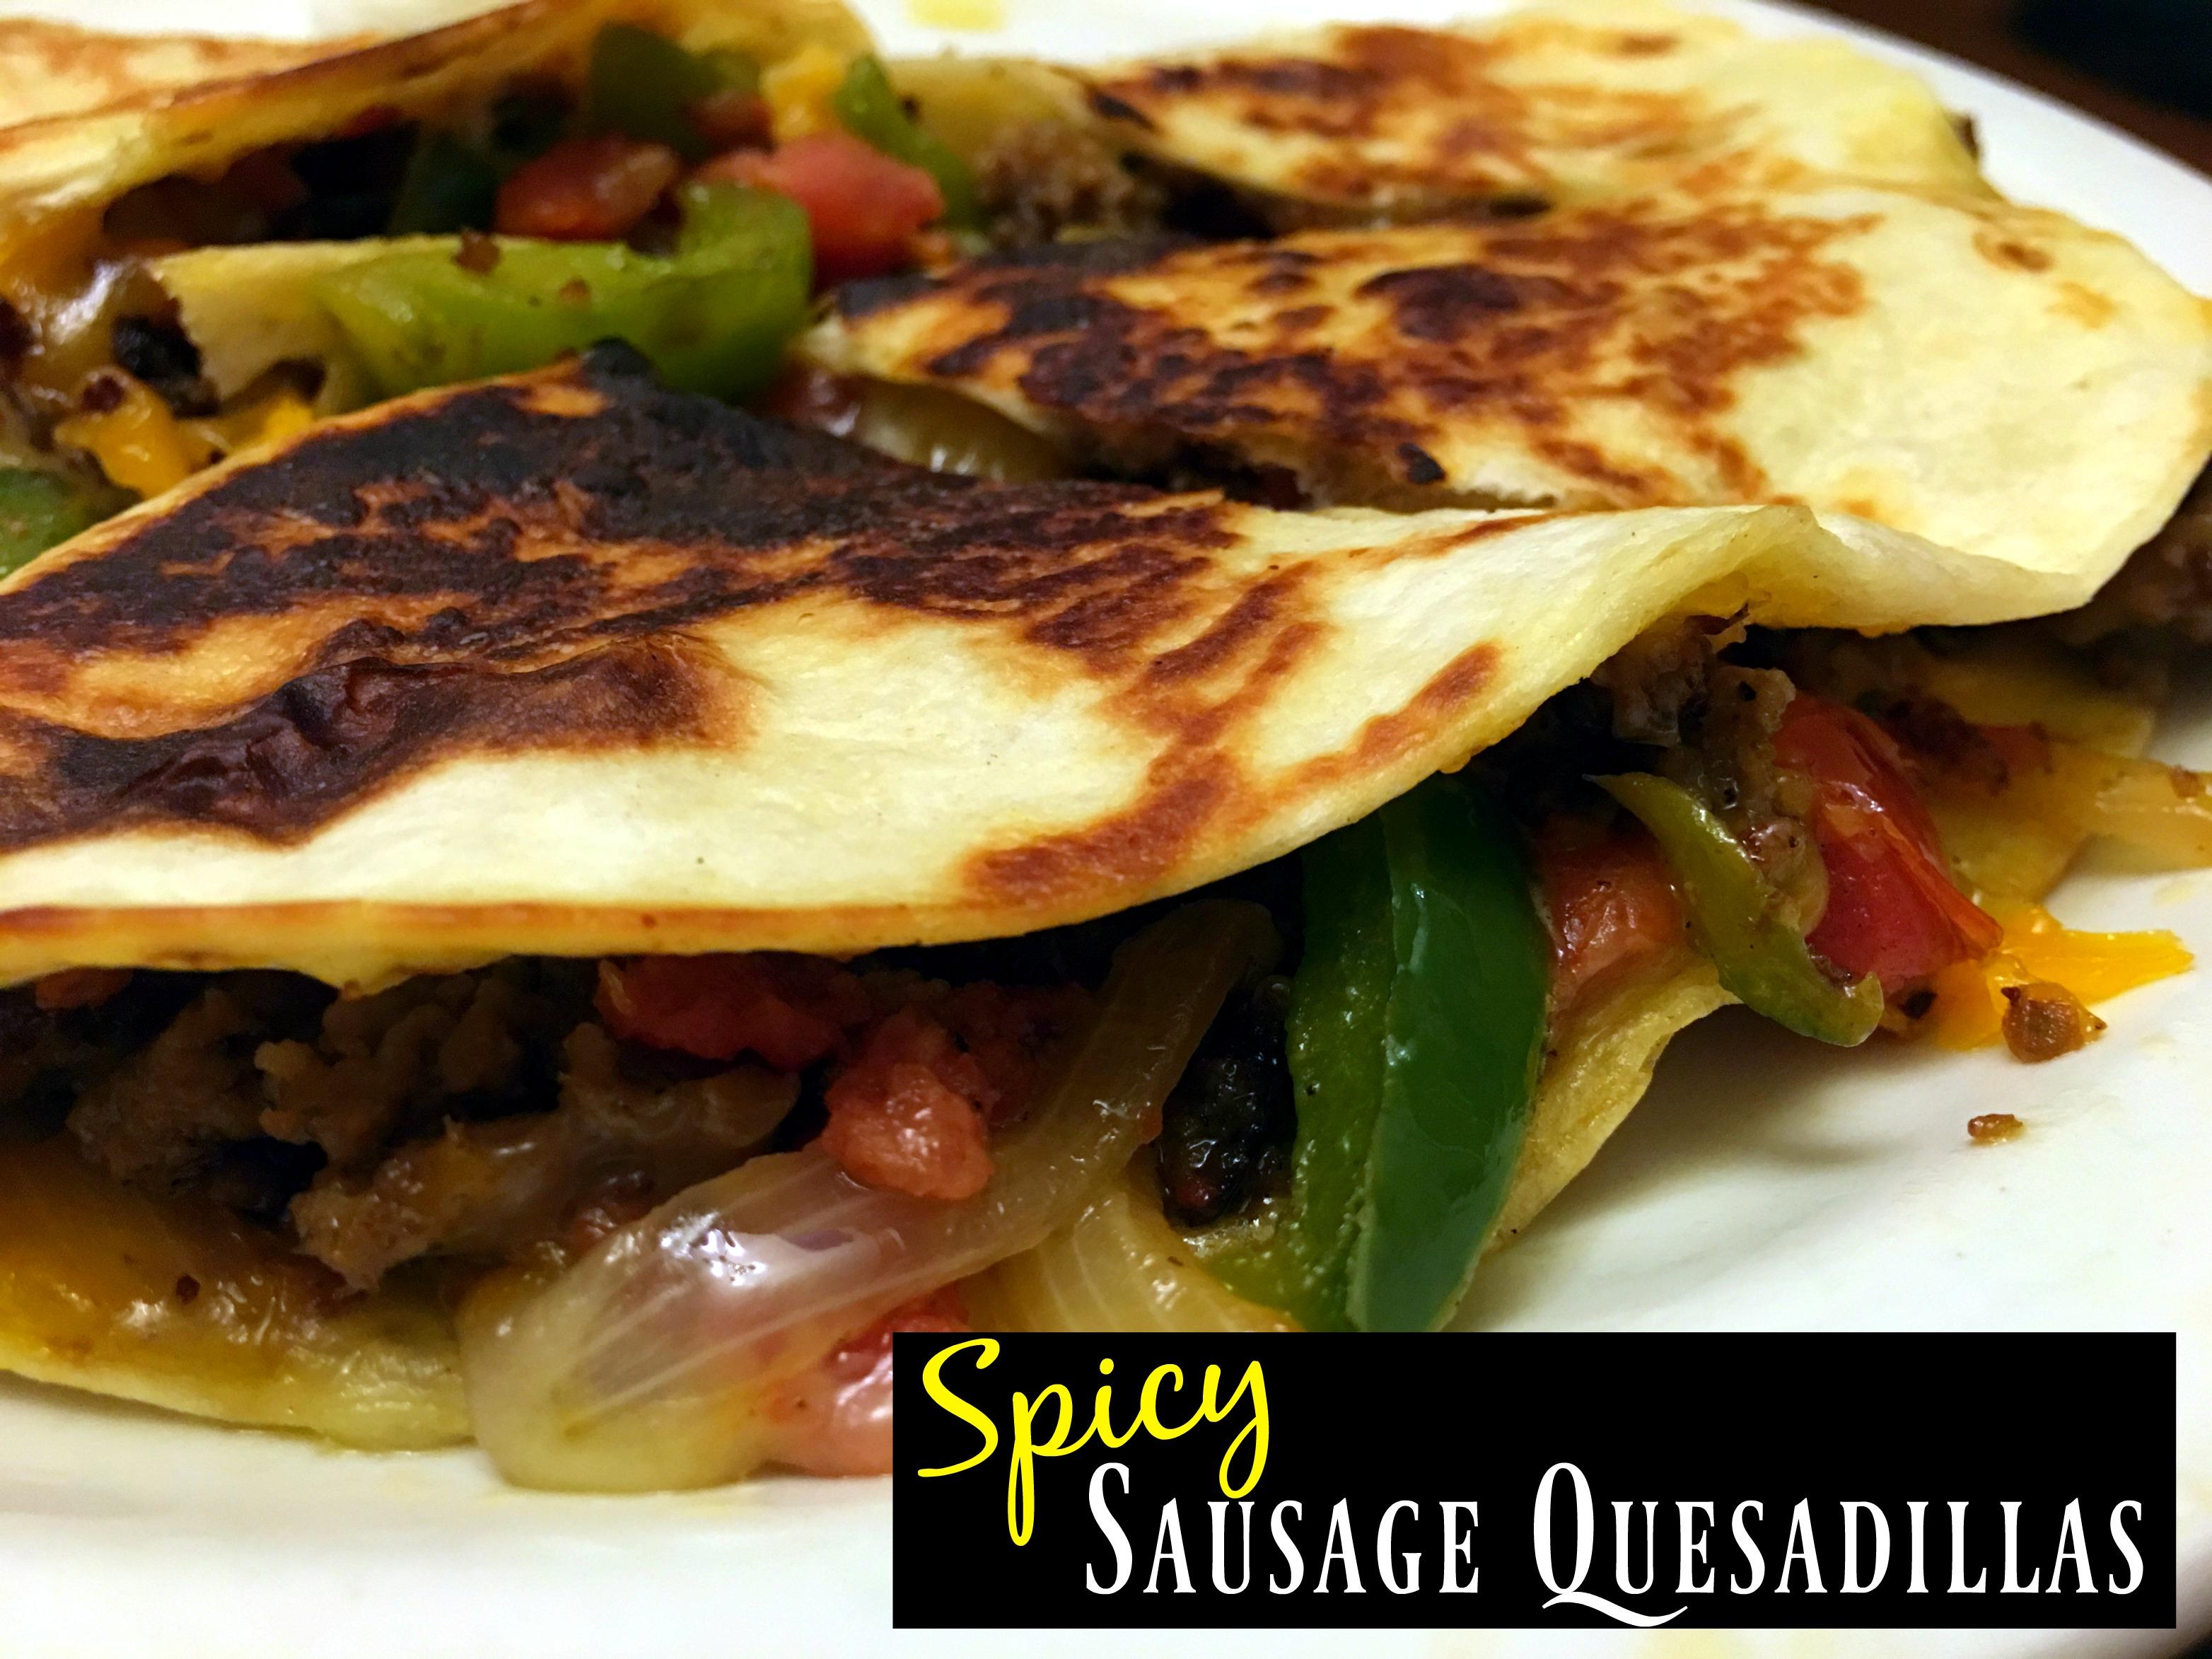 Spicy Sausage Quesadillas